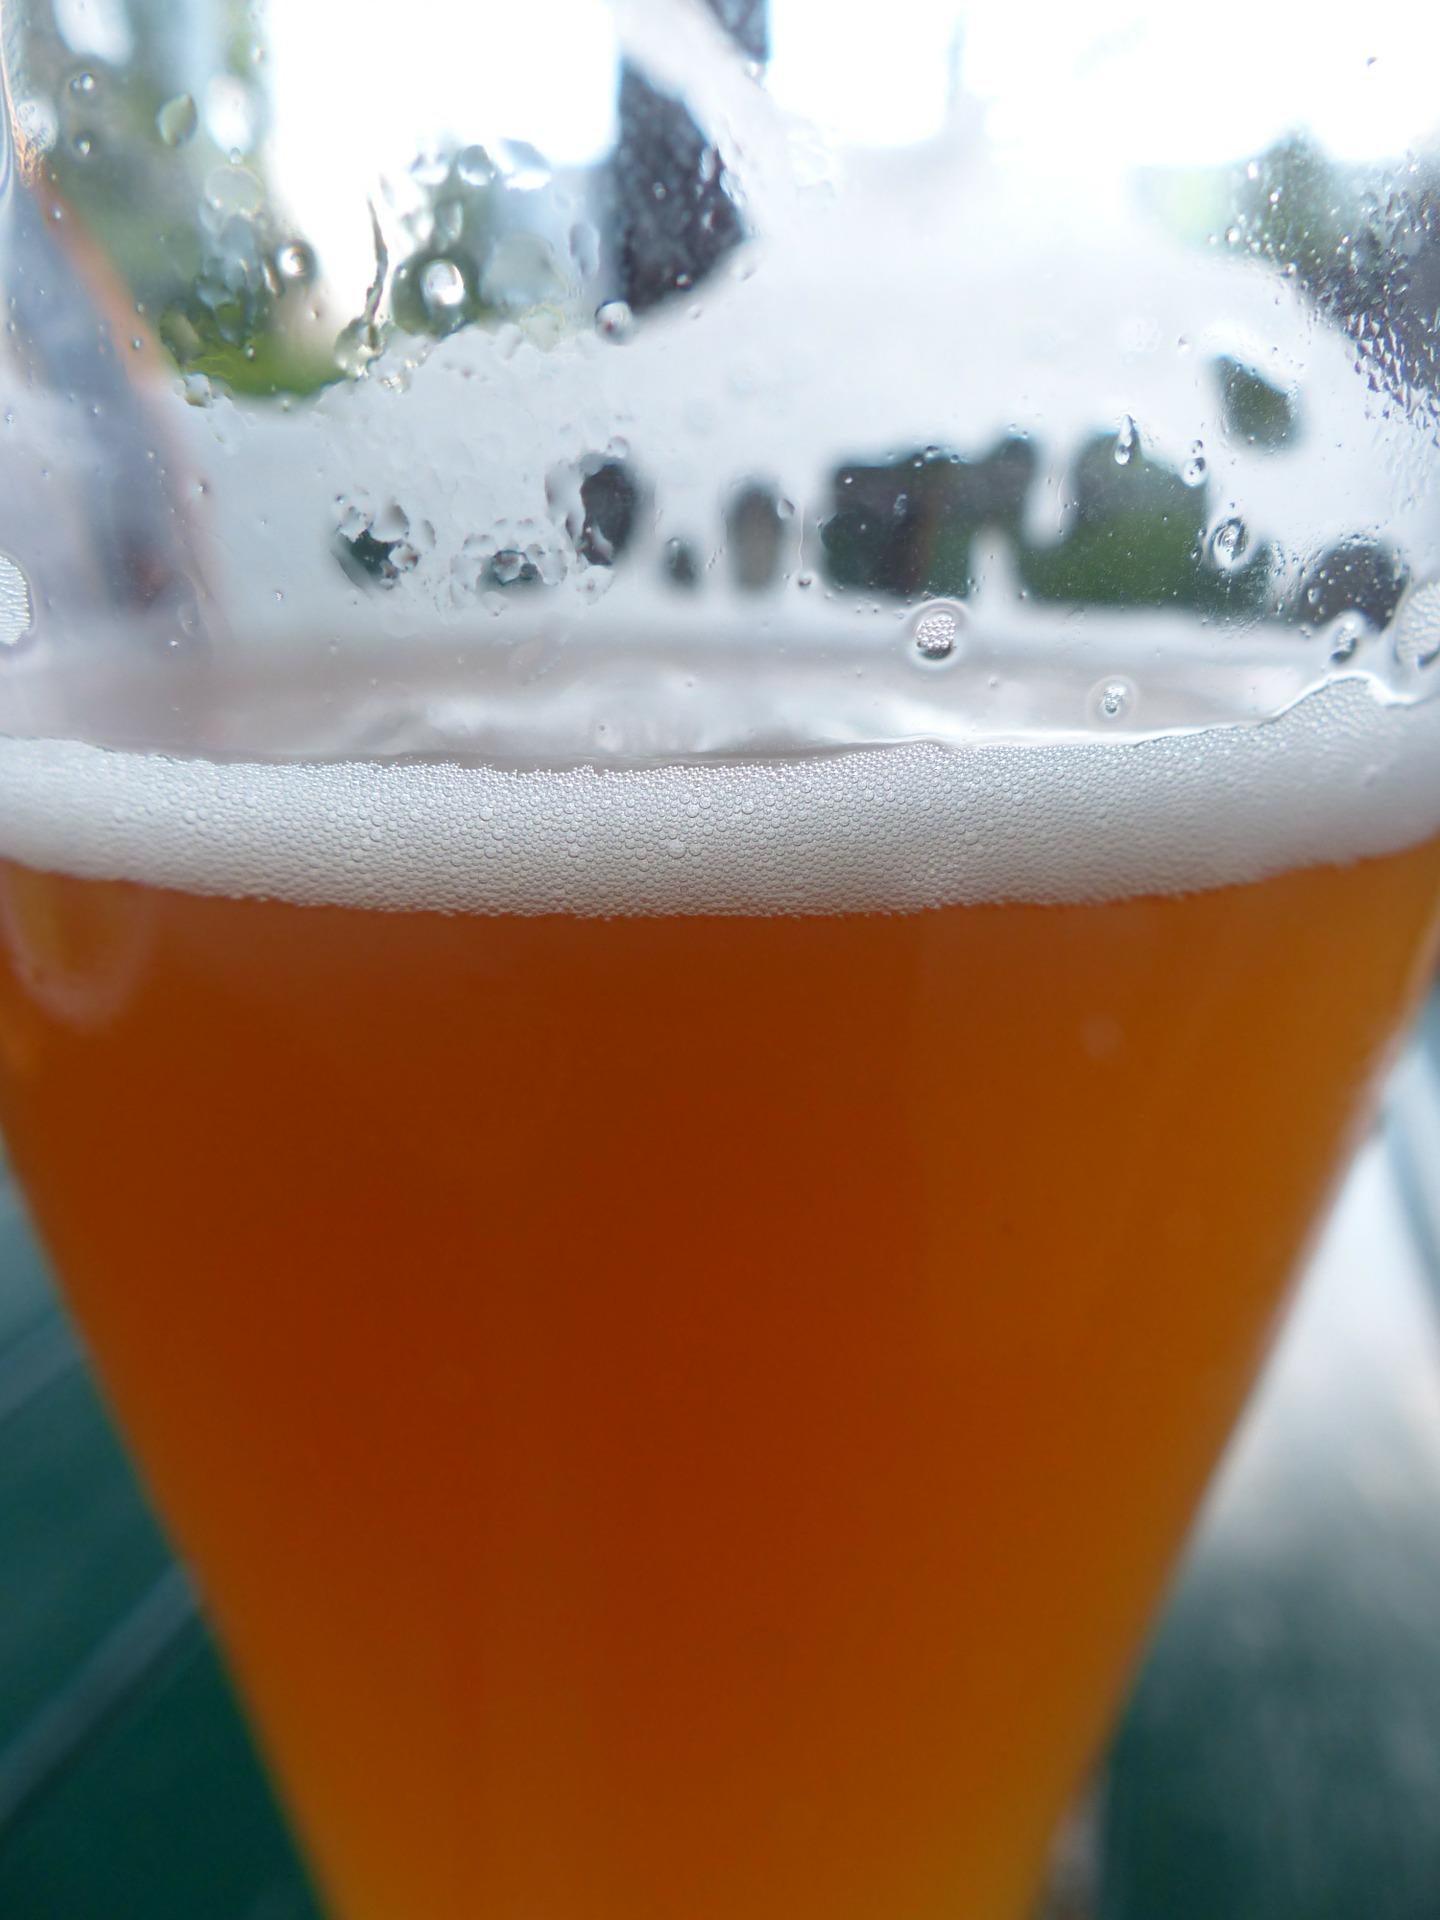 beer-117391_1920.jpg